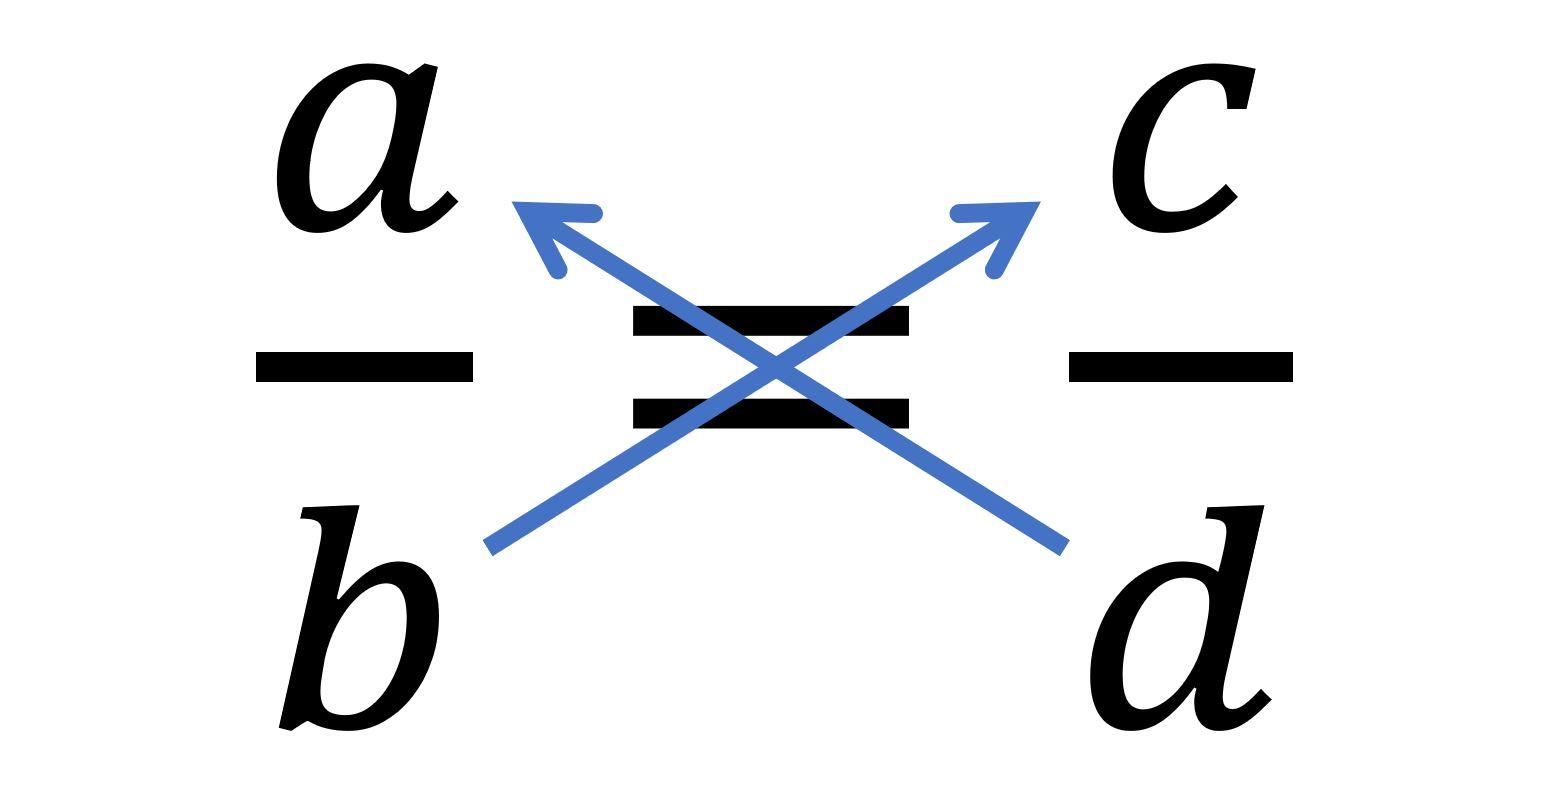 Kreuzweise Multiplizieren